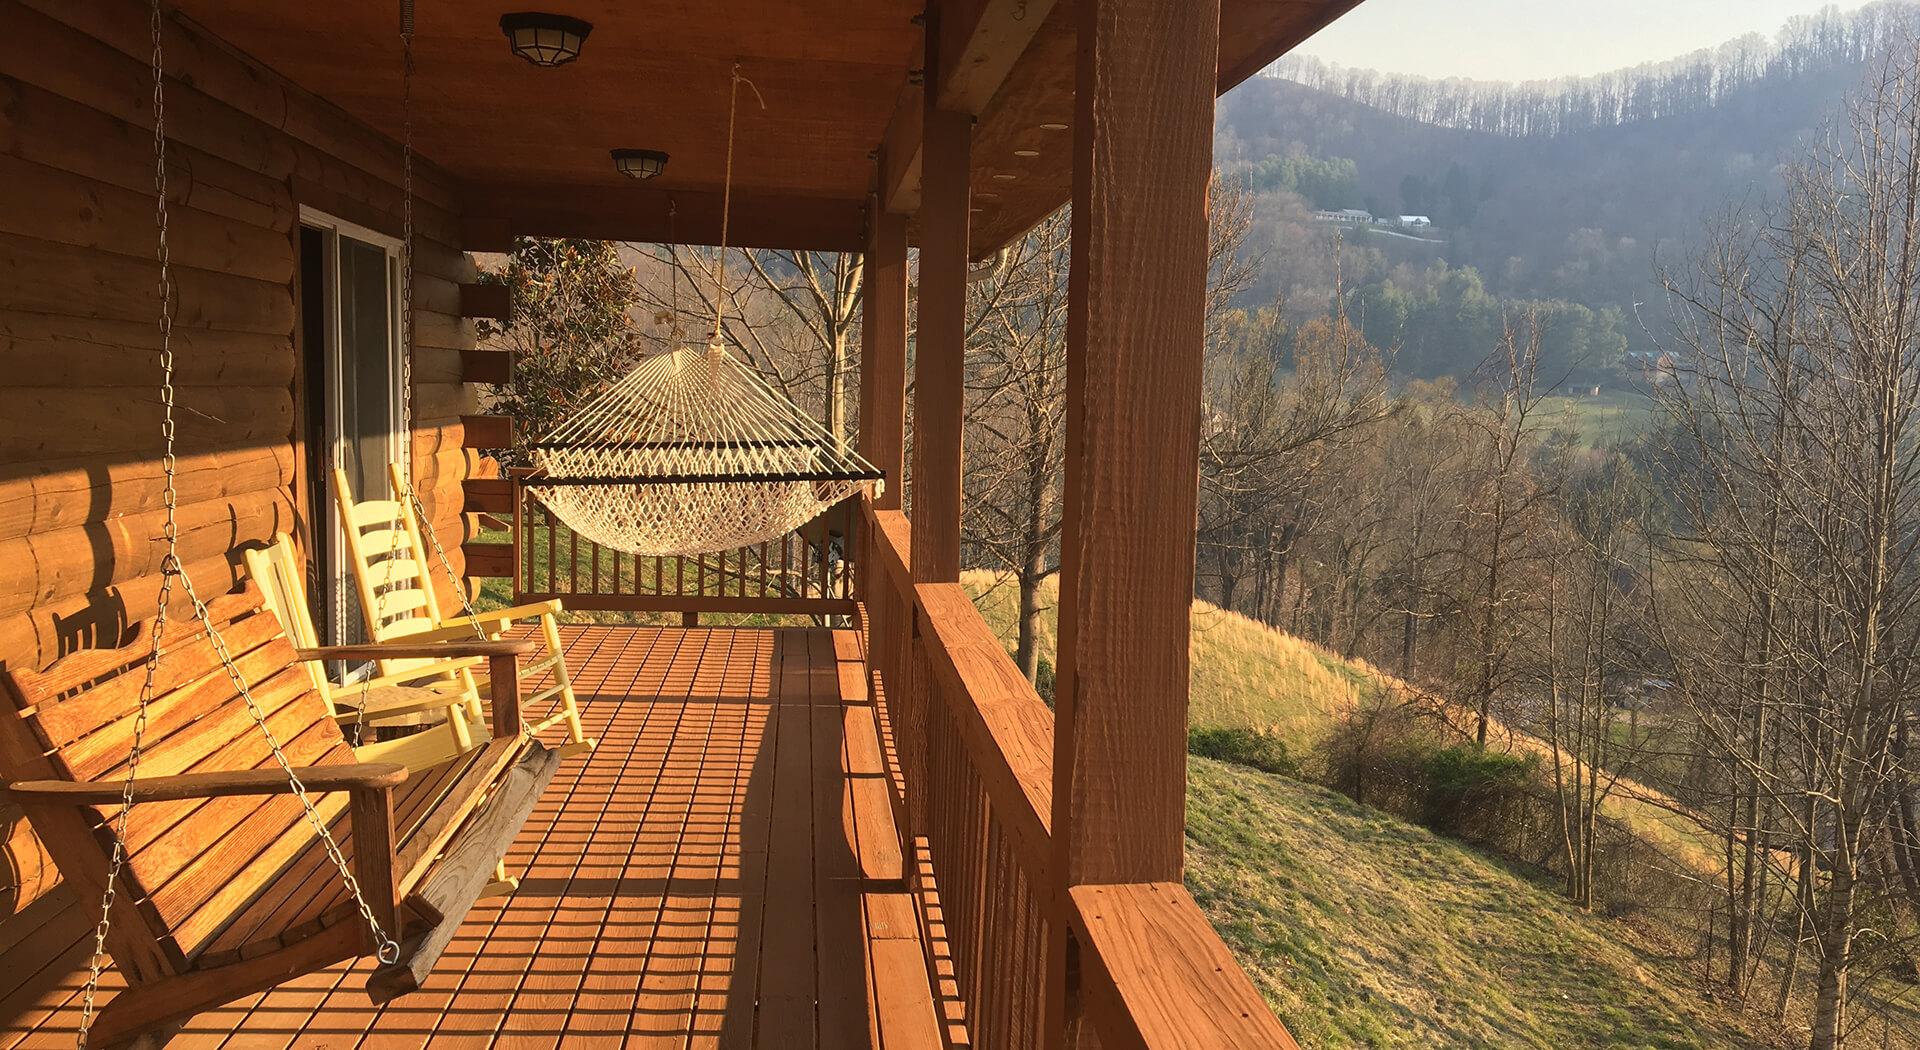 MistyViewCabin Porch